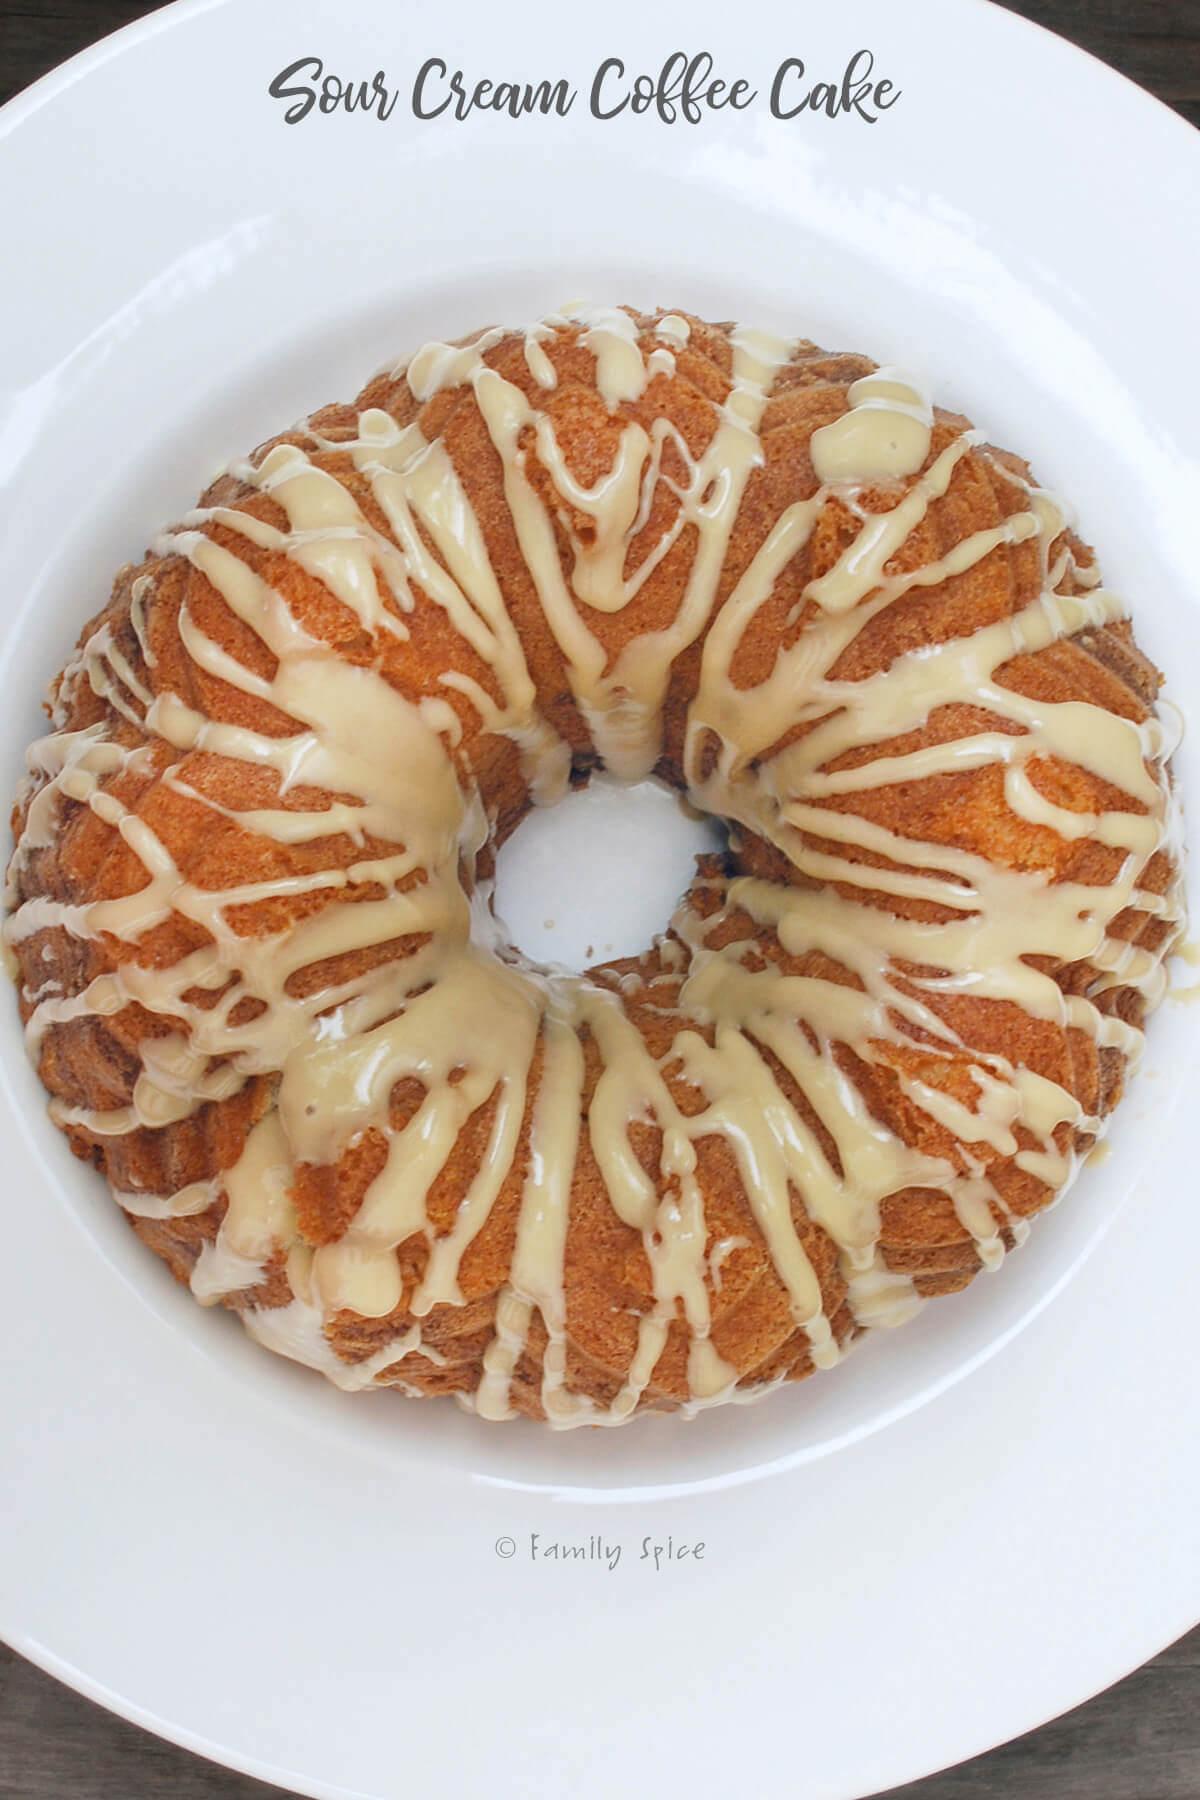 Top view of a sour cream coffee cake bundt by FamilySpice.com